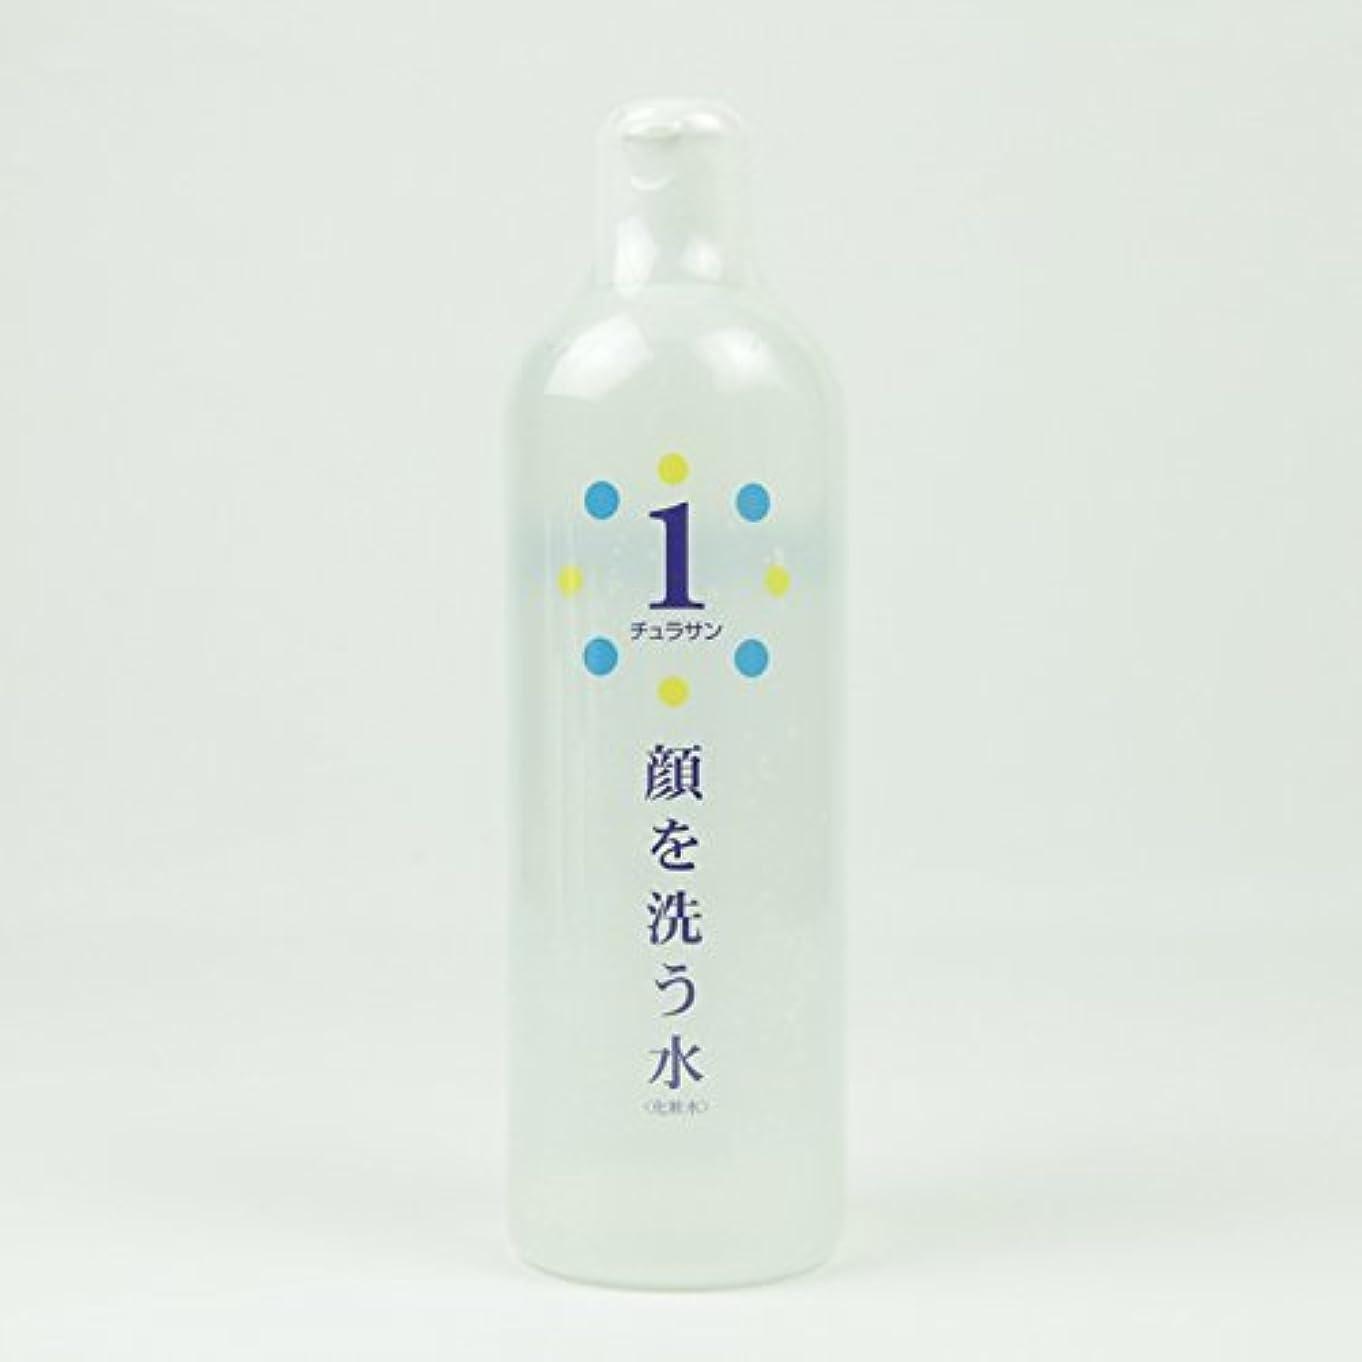 訴えるエスカレートセールスマンチュラサン1 【顔を洗う水】 500ml